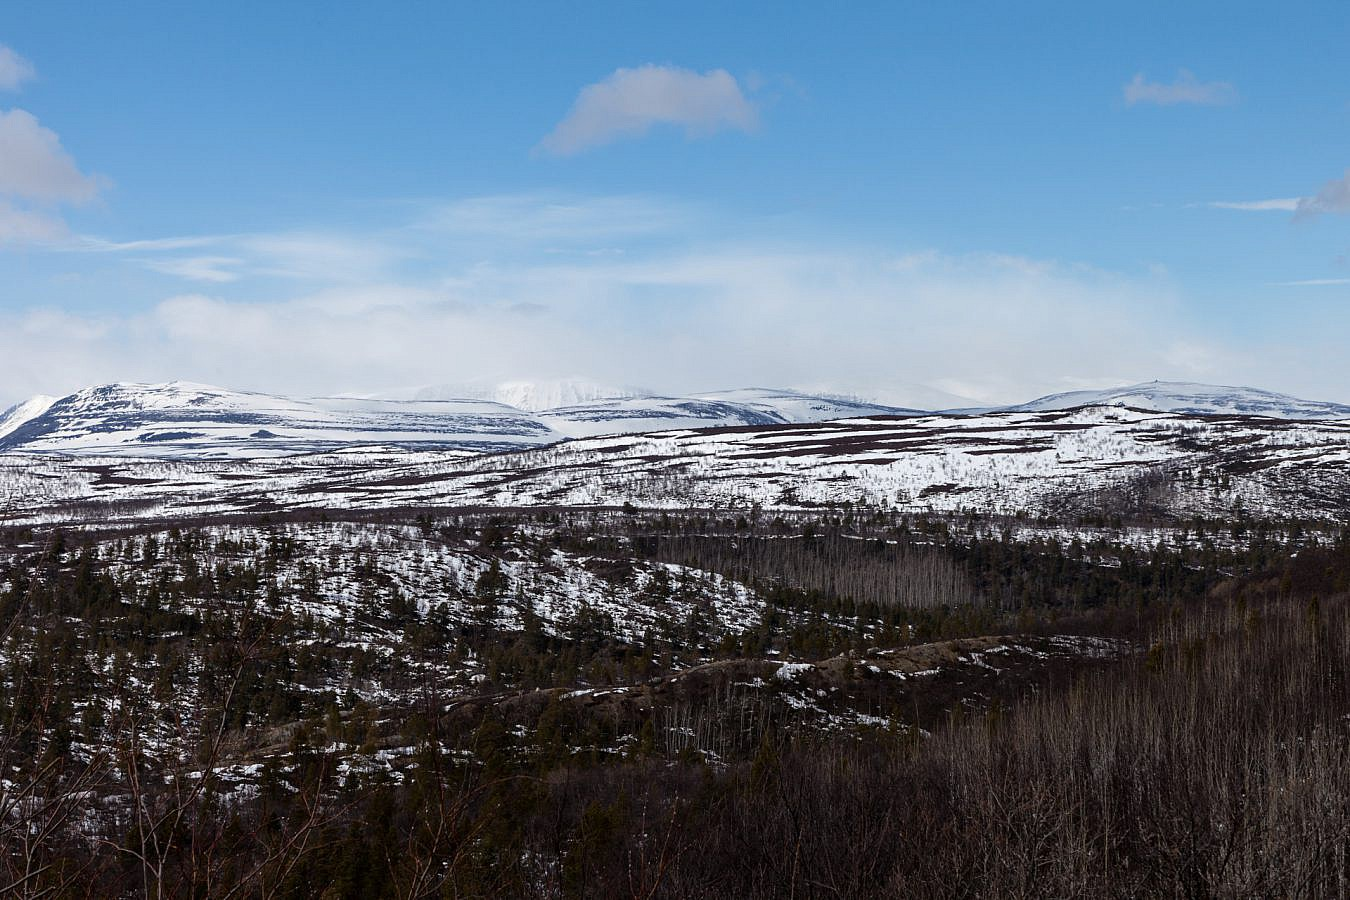 Fins landschap